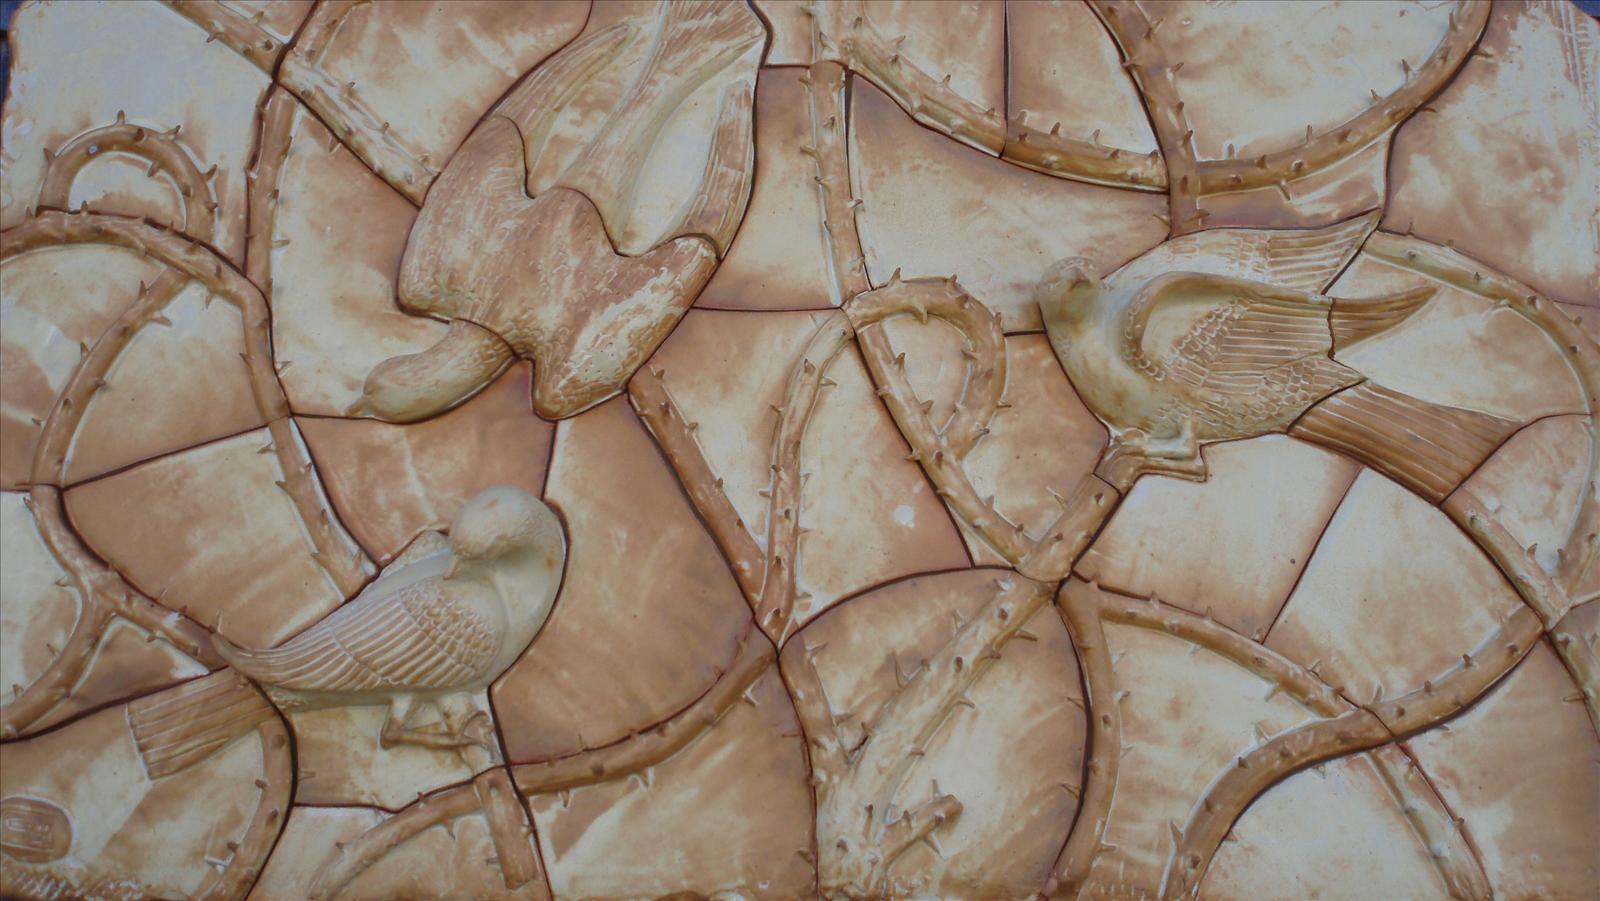 Porcelain Clay with Yellow Salt Glaze